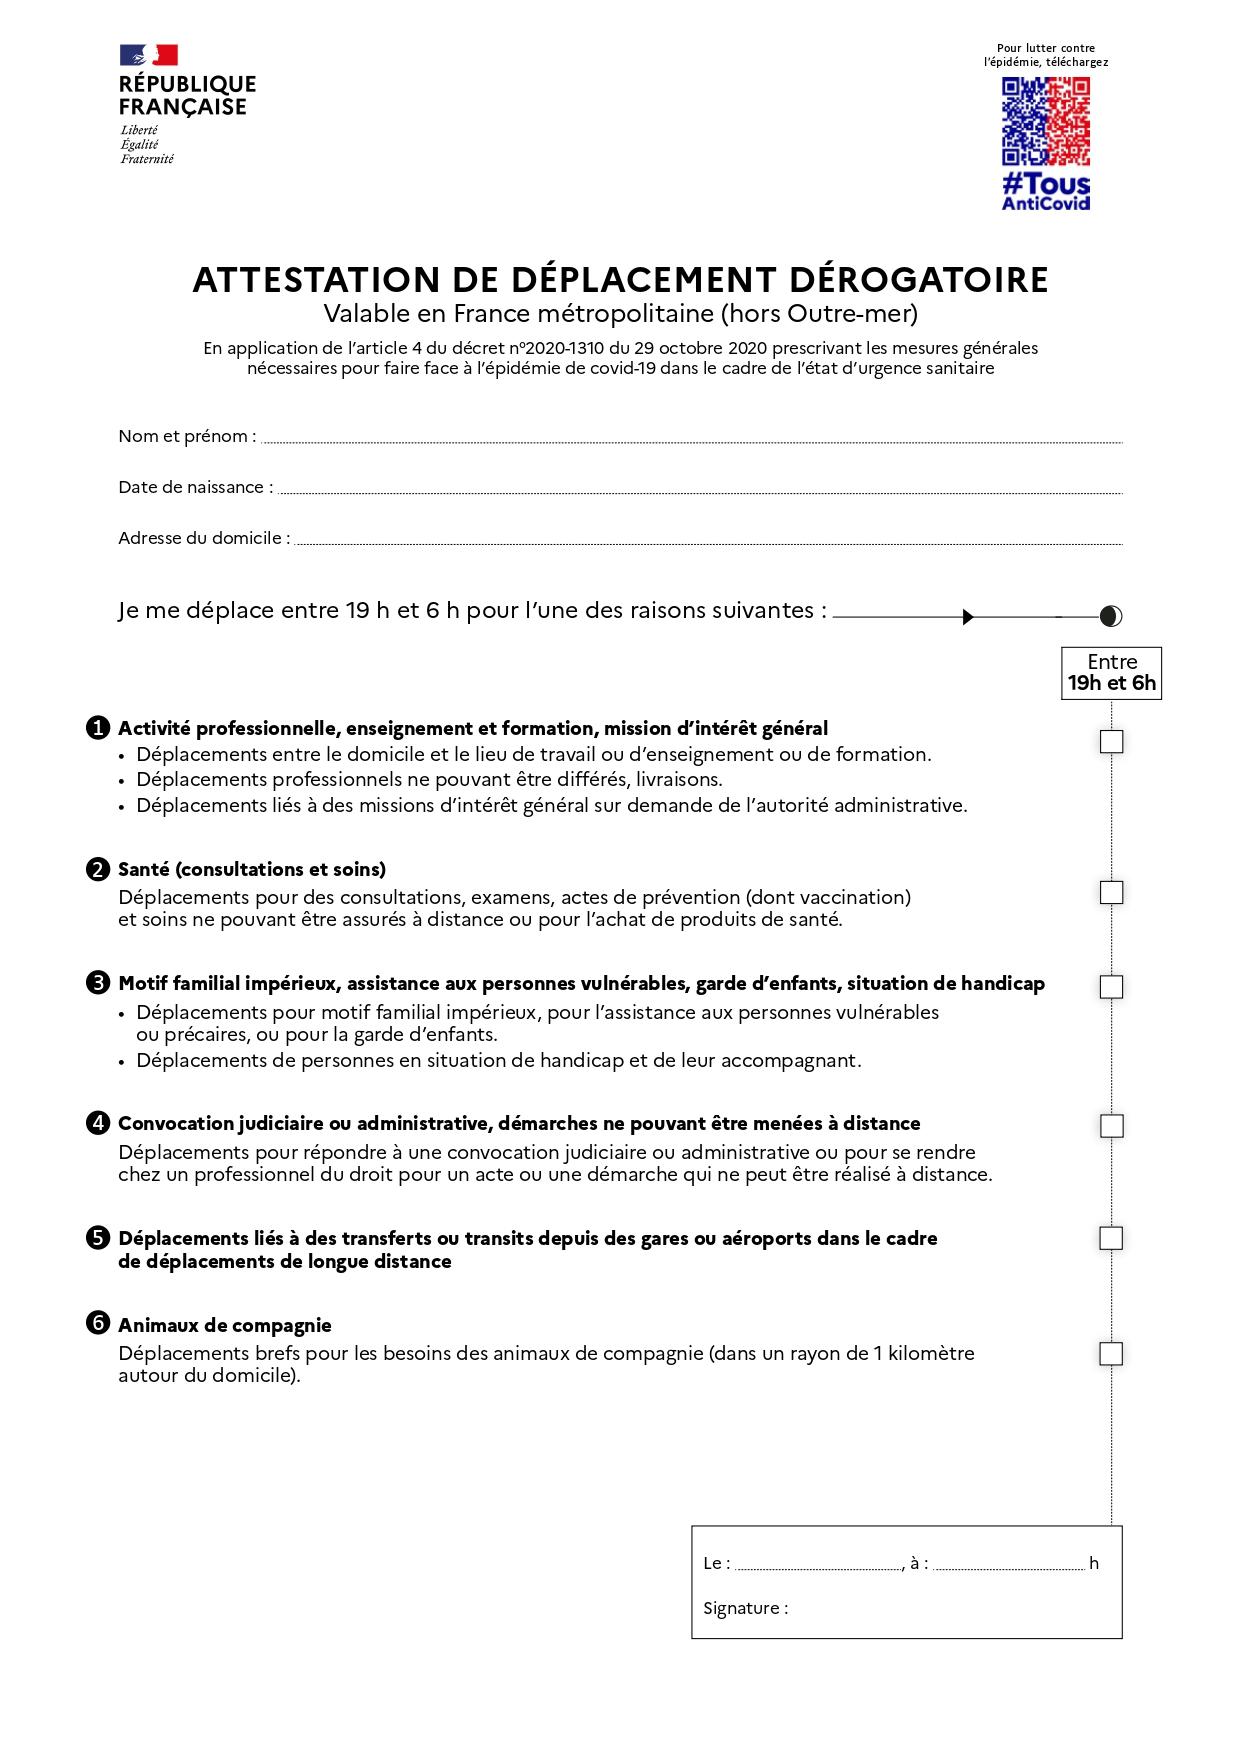 03-05-2021-attestation-de-deplacement-derogatoire_page-0001.jpg